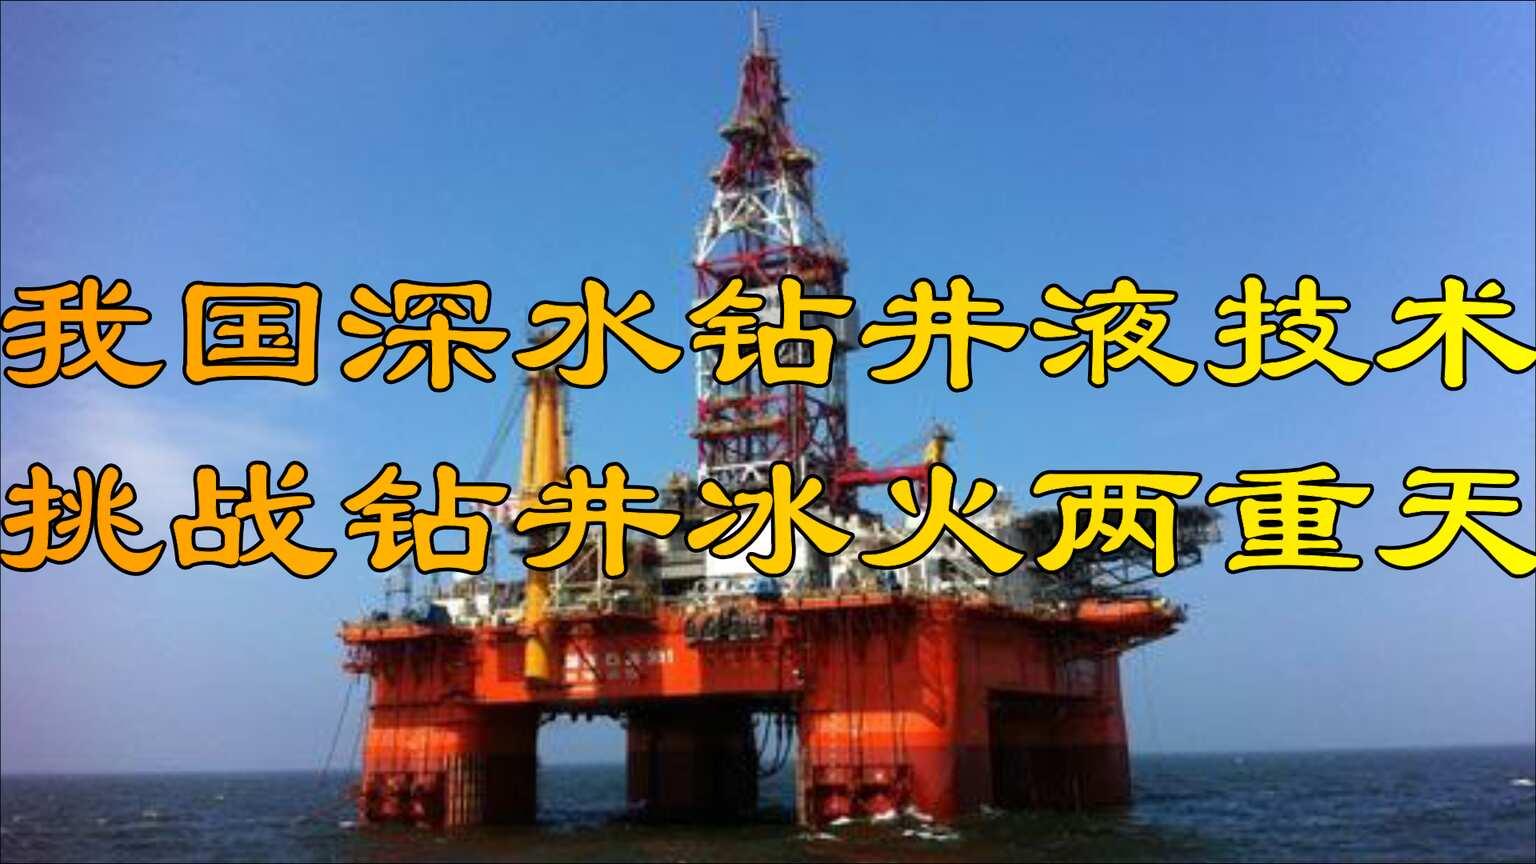 我国自研深水钻井液技术,挑战钻井冰火两重天